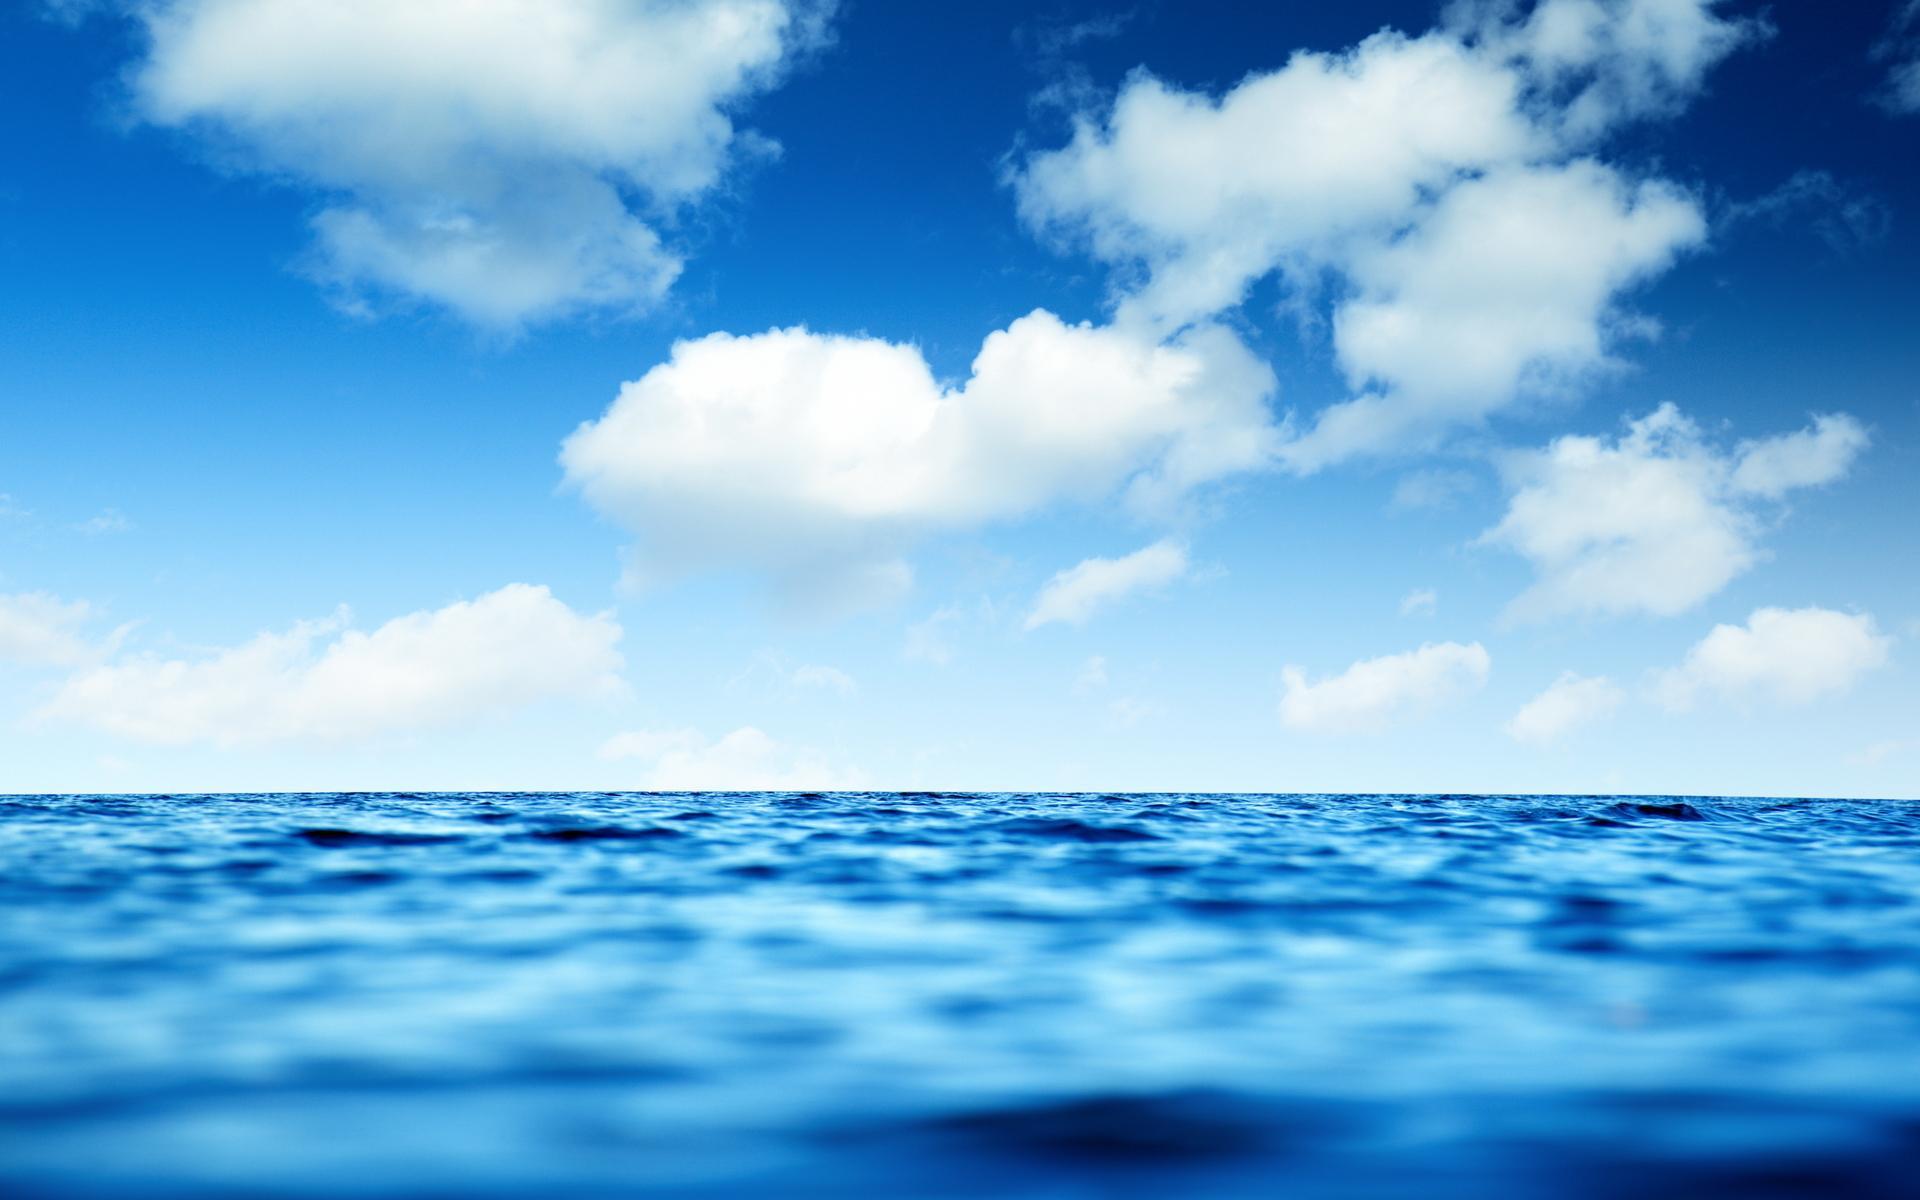 Река вода волны небо облака 1920x1200